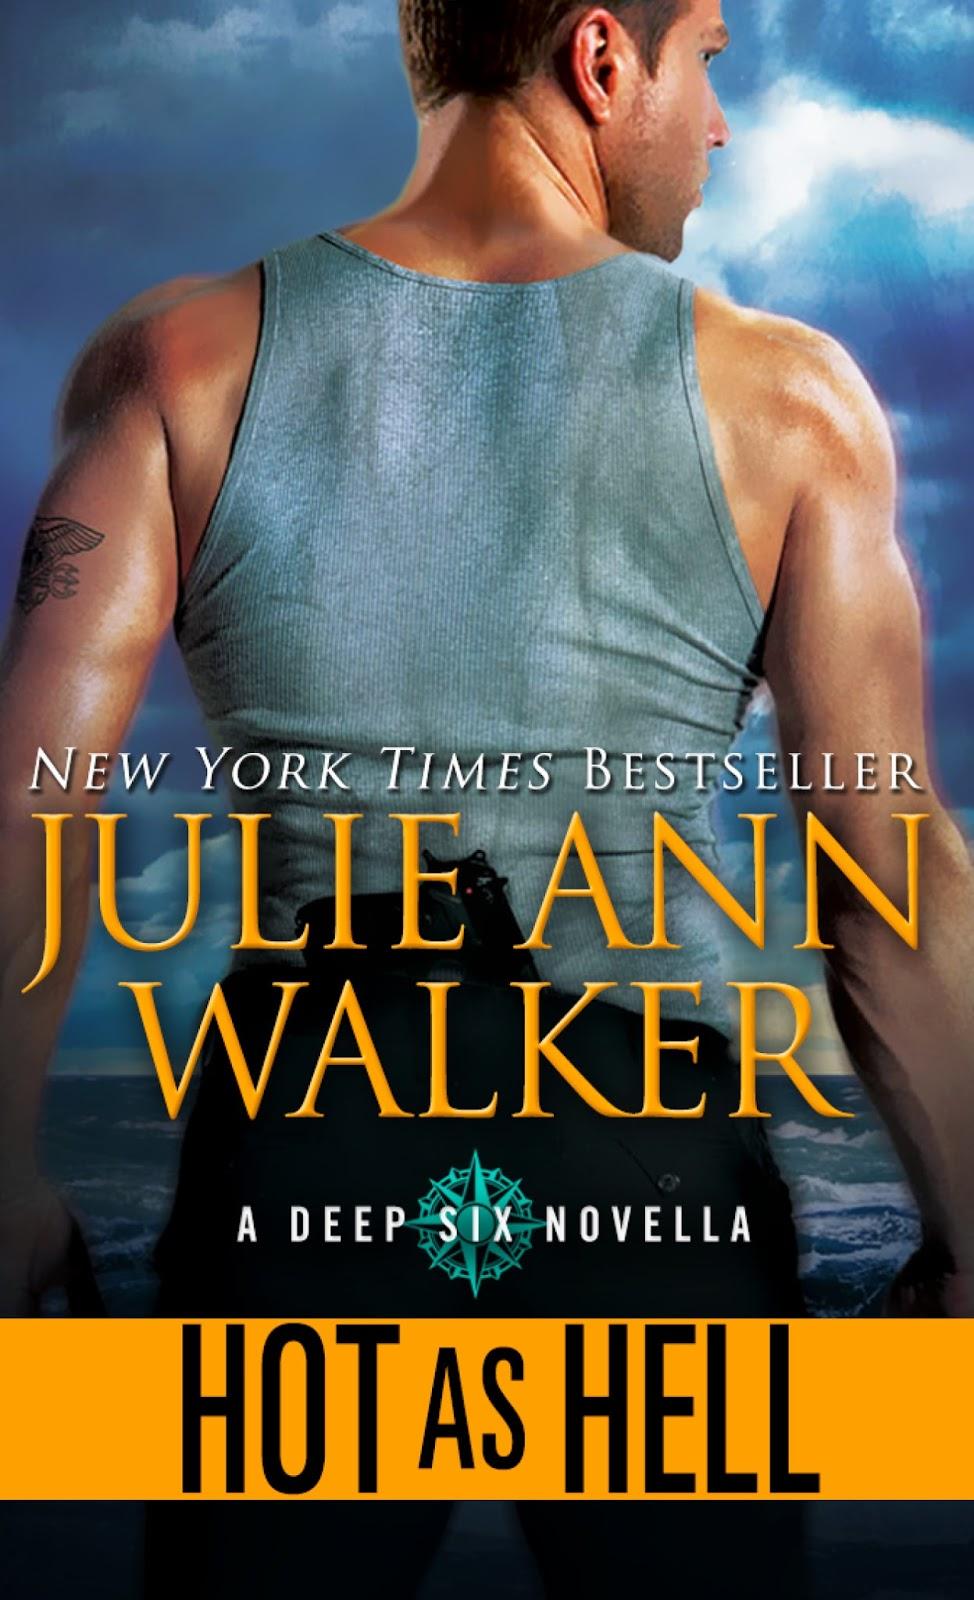 Julie Ann Hot hot as hell book blitz author: julie ann walker - the